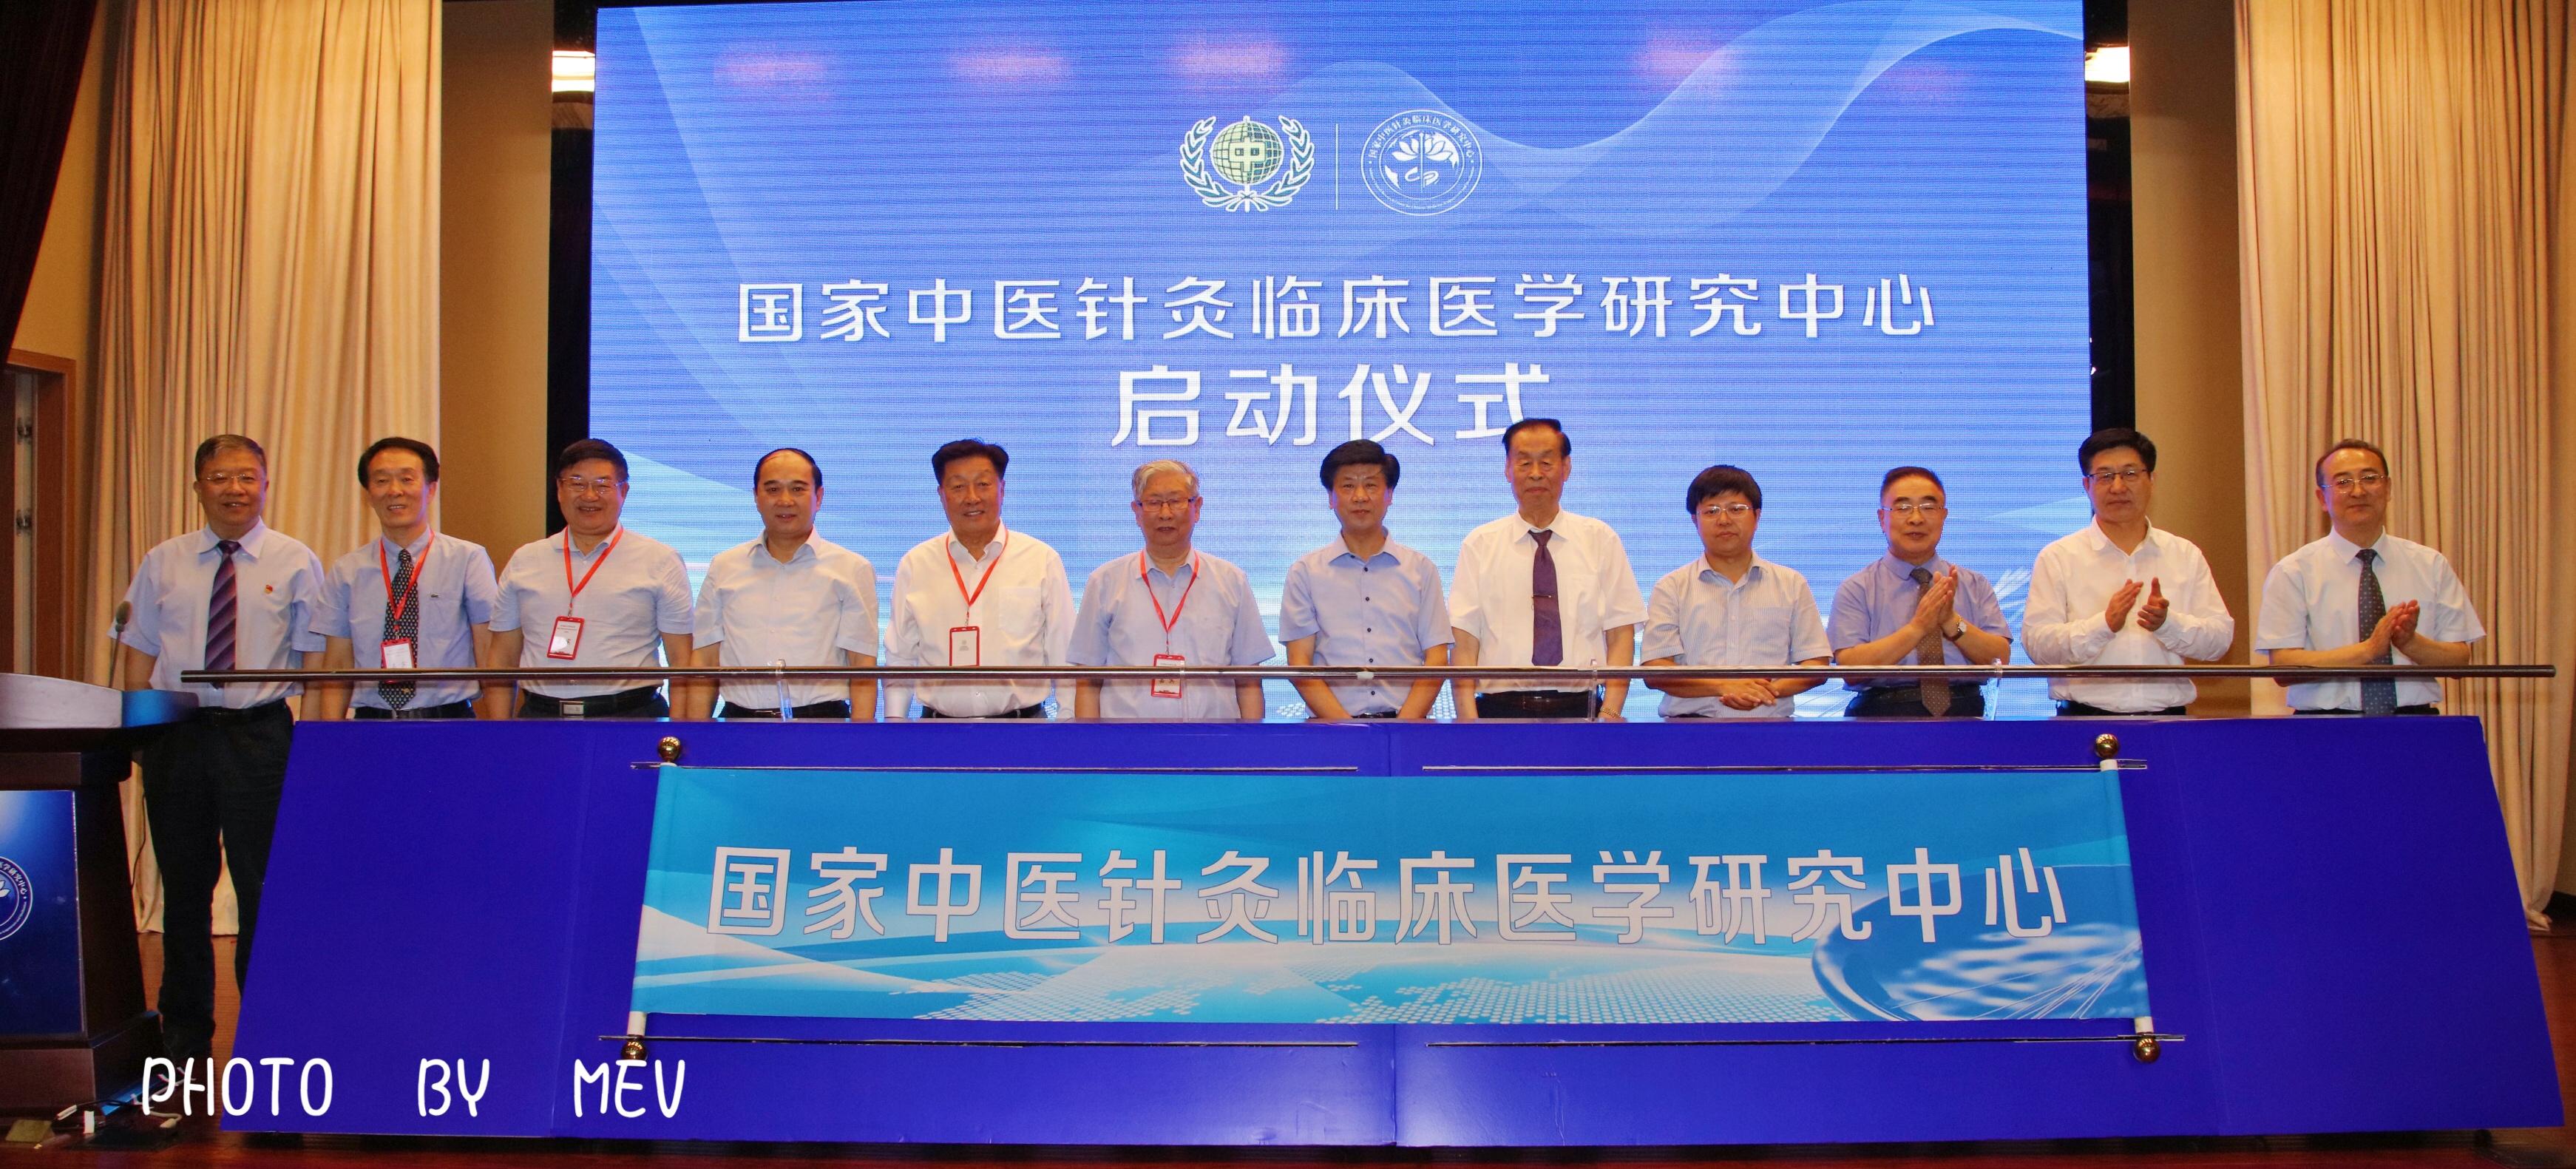 学科建设与发展论坛暨国家中医针灸临床医学研究中心启动会在津举行